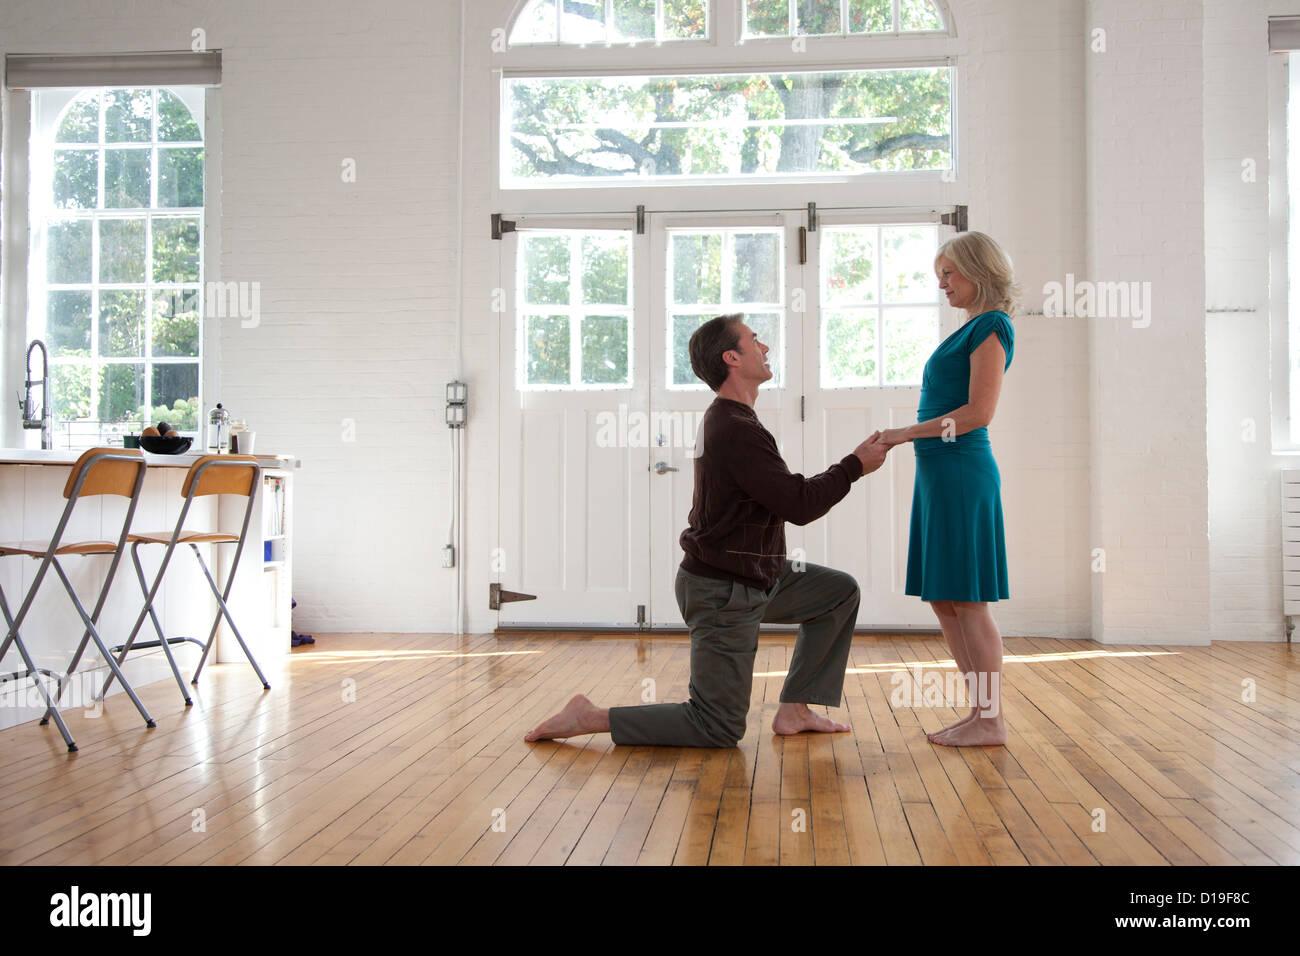 Paar im Tanzstudio, Mann auf ein Knie Stockbild